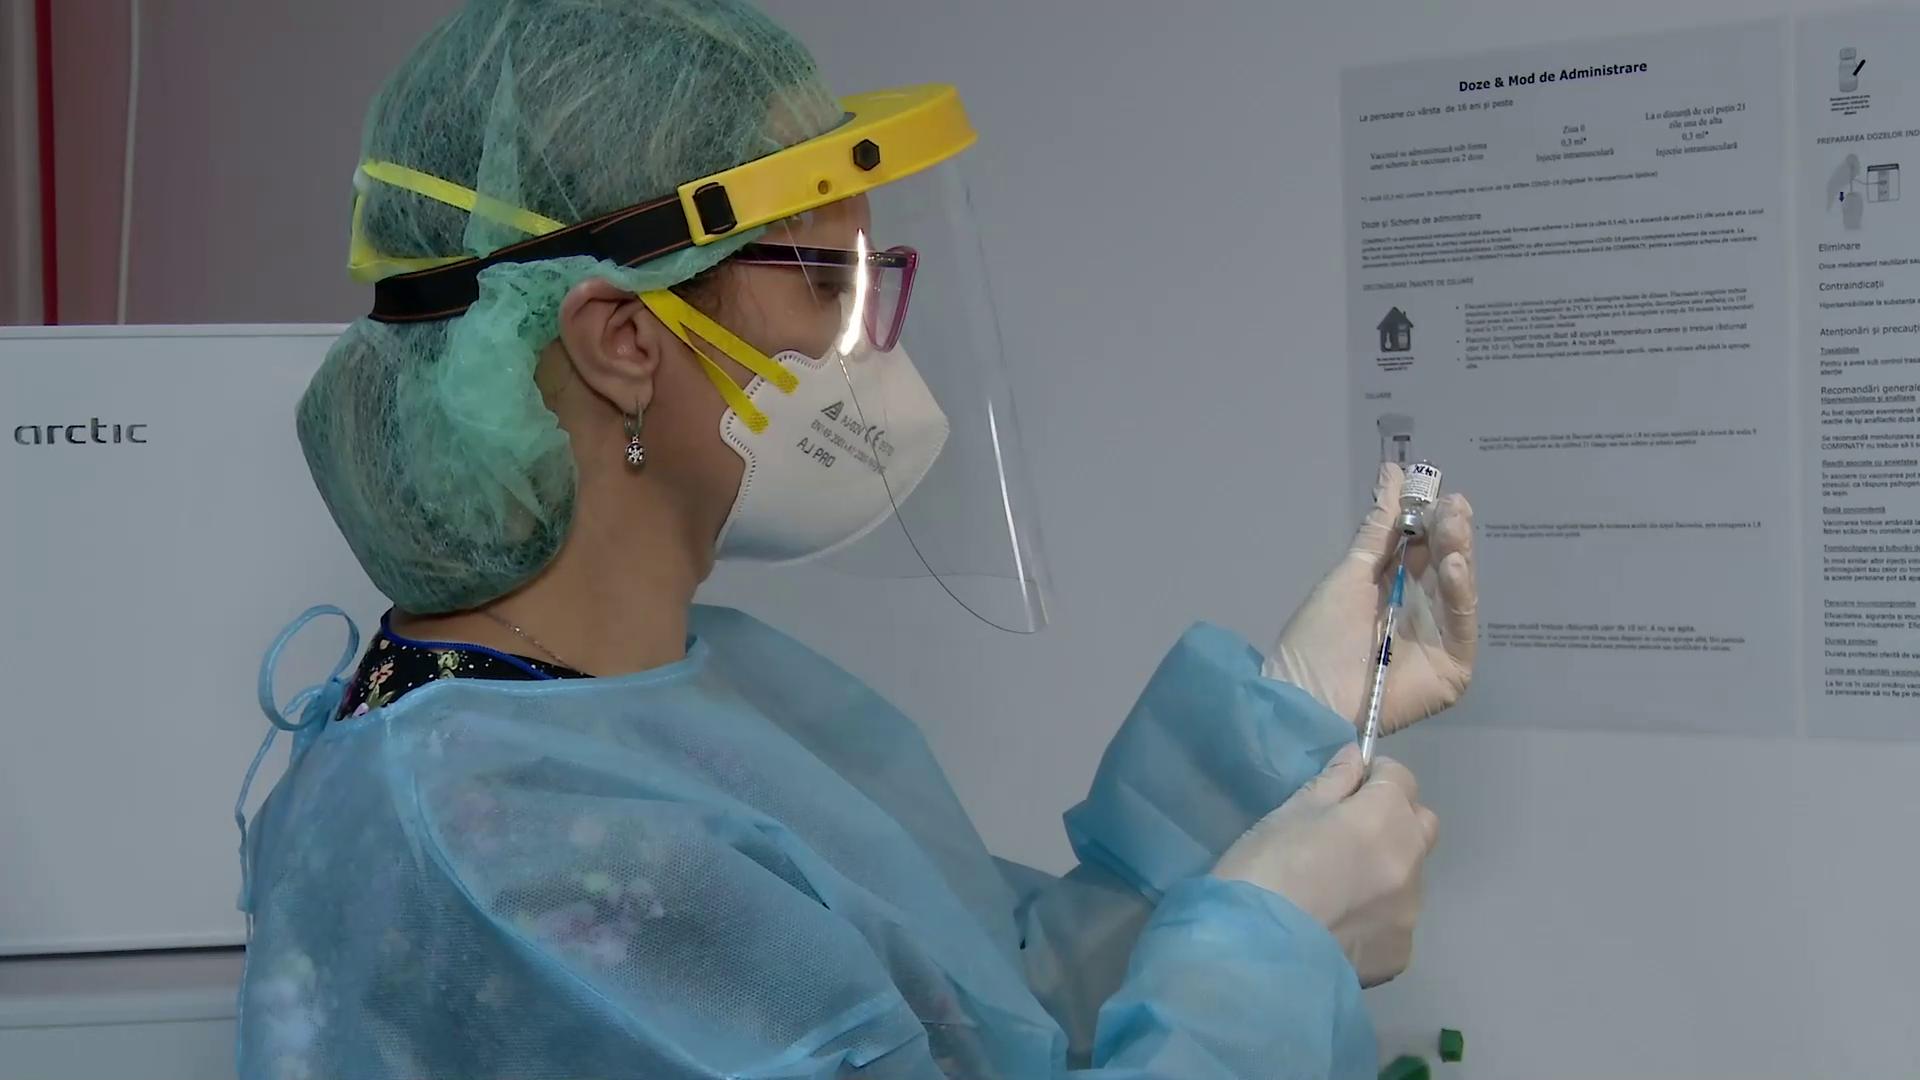 Anchetă în cazul unui sportiv buzoian reinfectat cu SARS CoV-2, după ce s-a vaccinat luna trecută